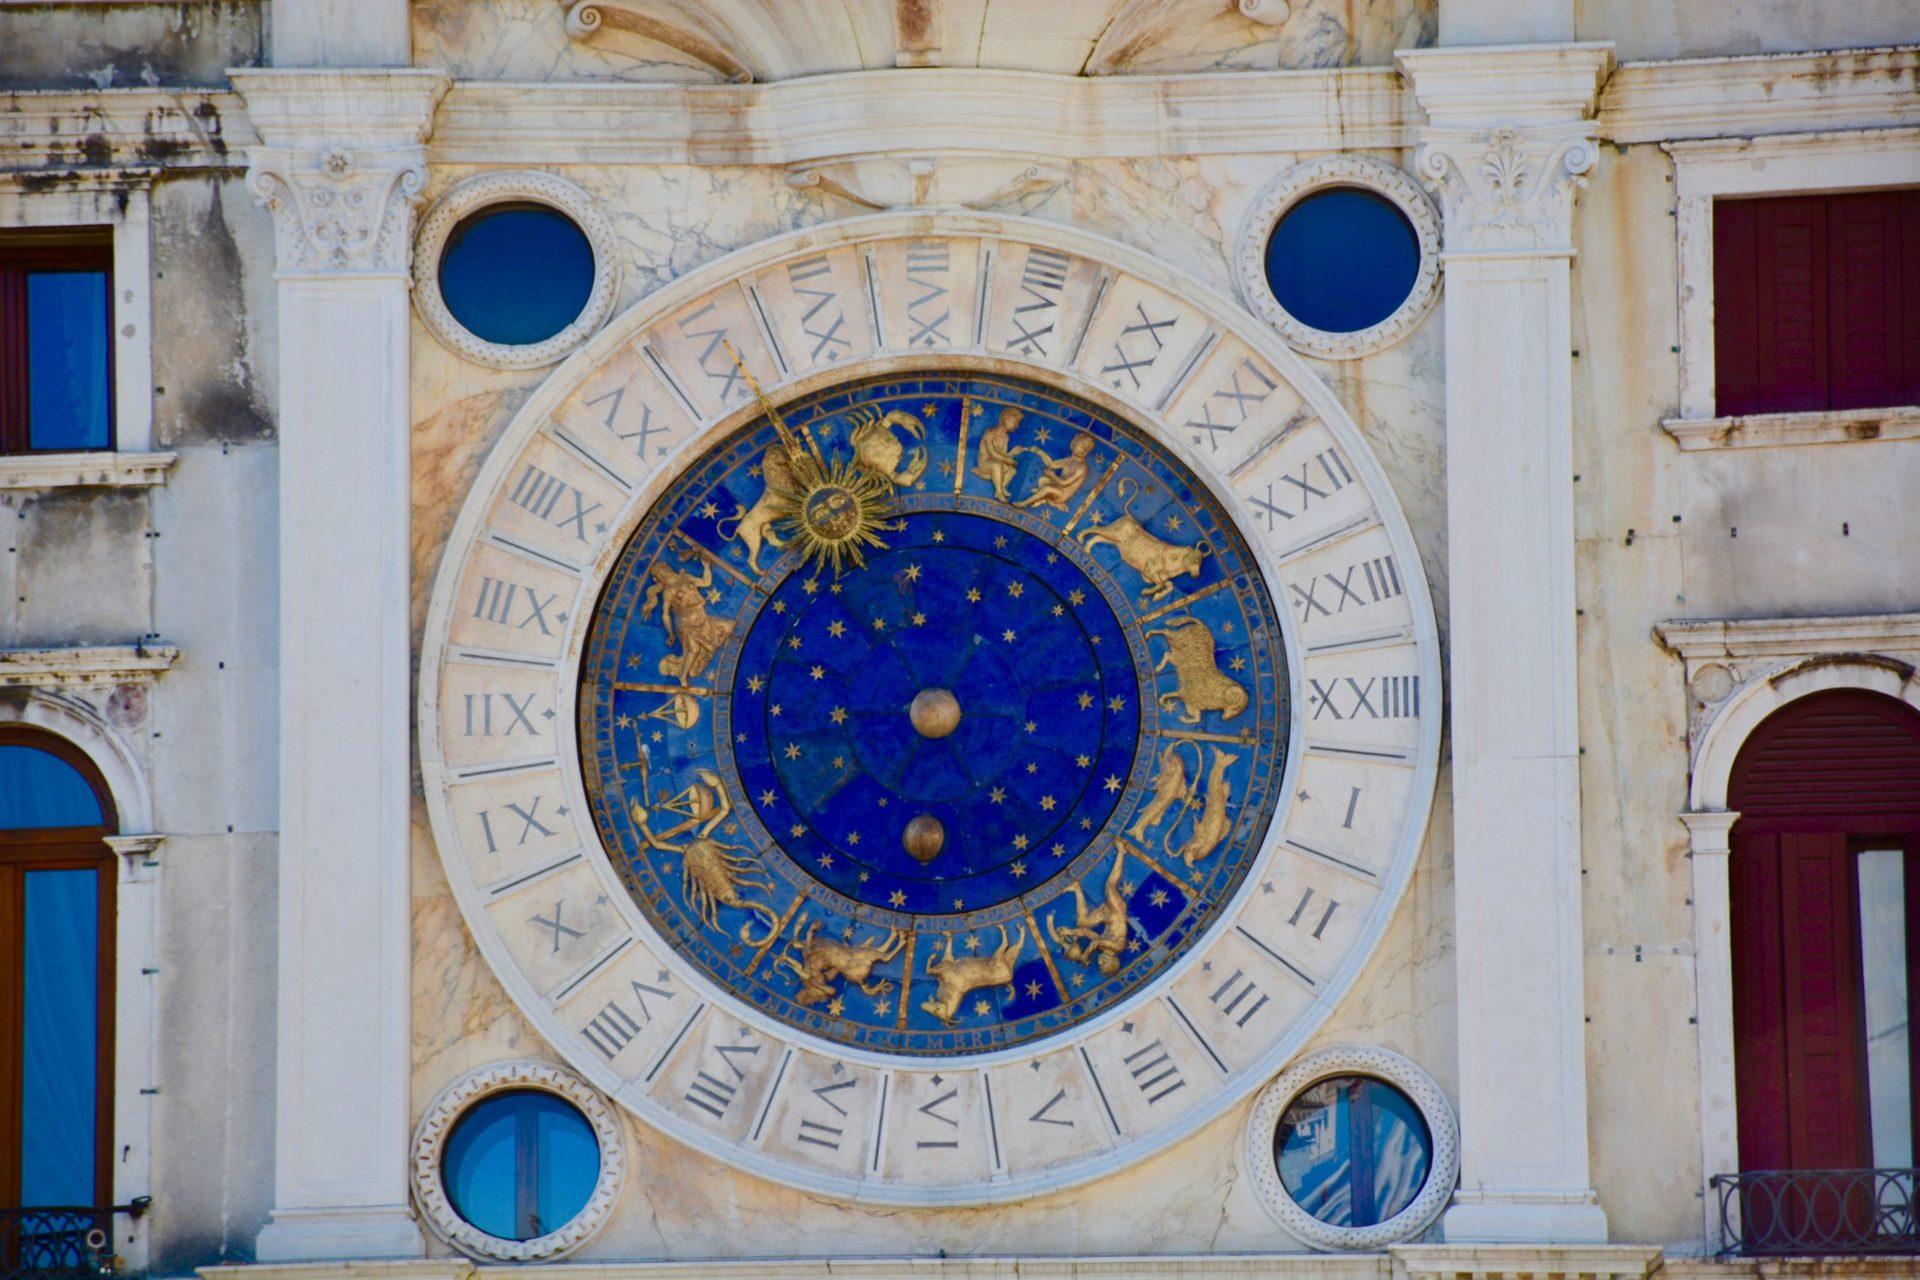 Les planètes et maisons astrologiques